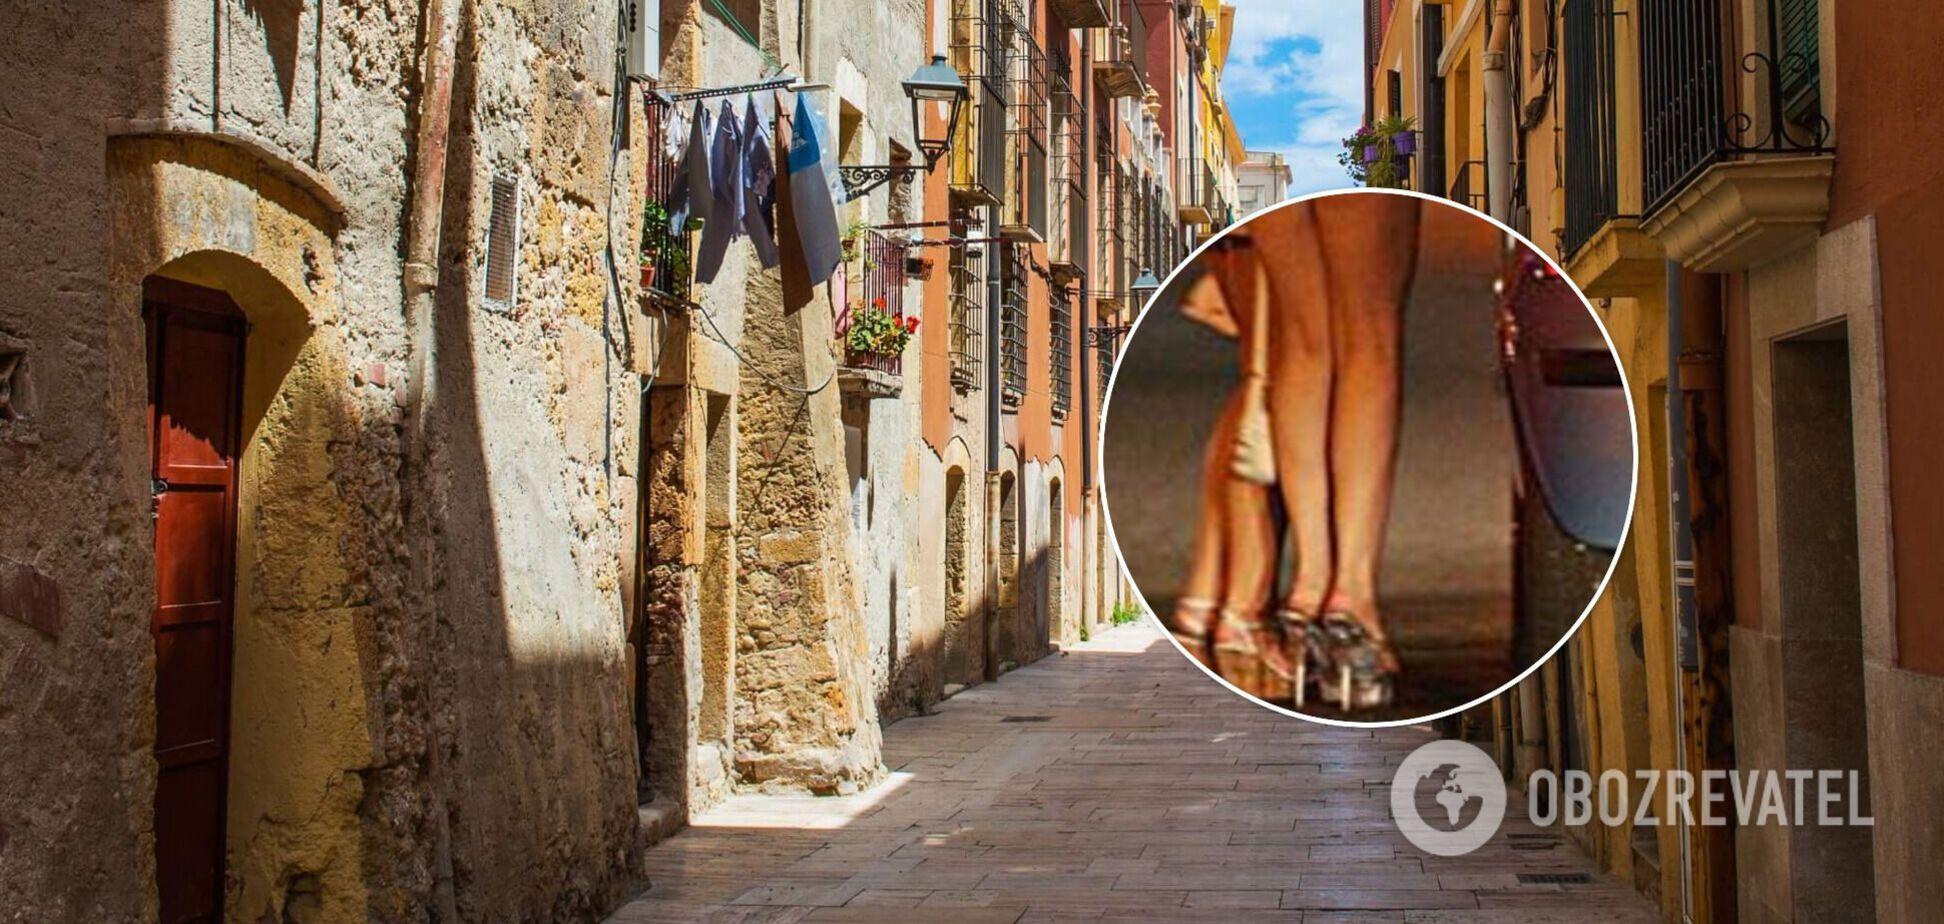 В Испании на улицах разместили баннеры с 'меню русских проституток': россияне устроили скандал